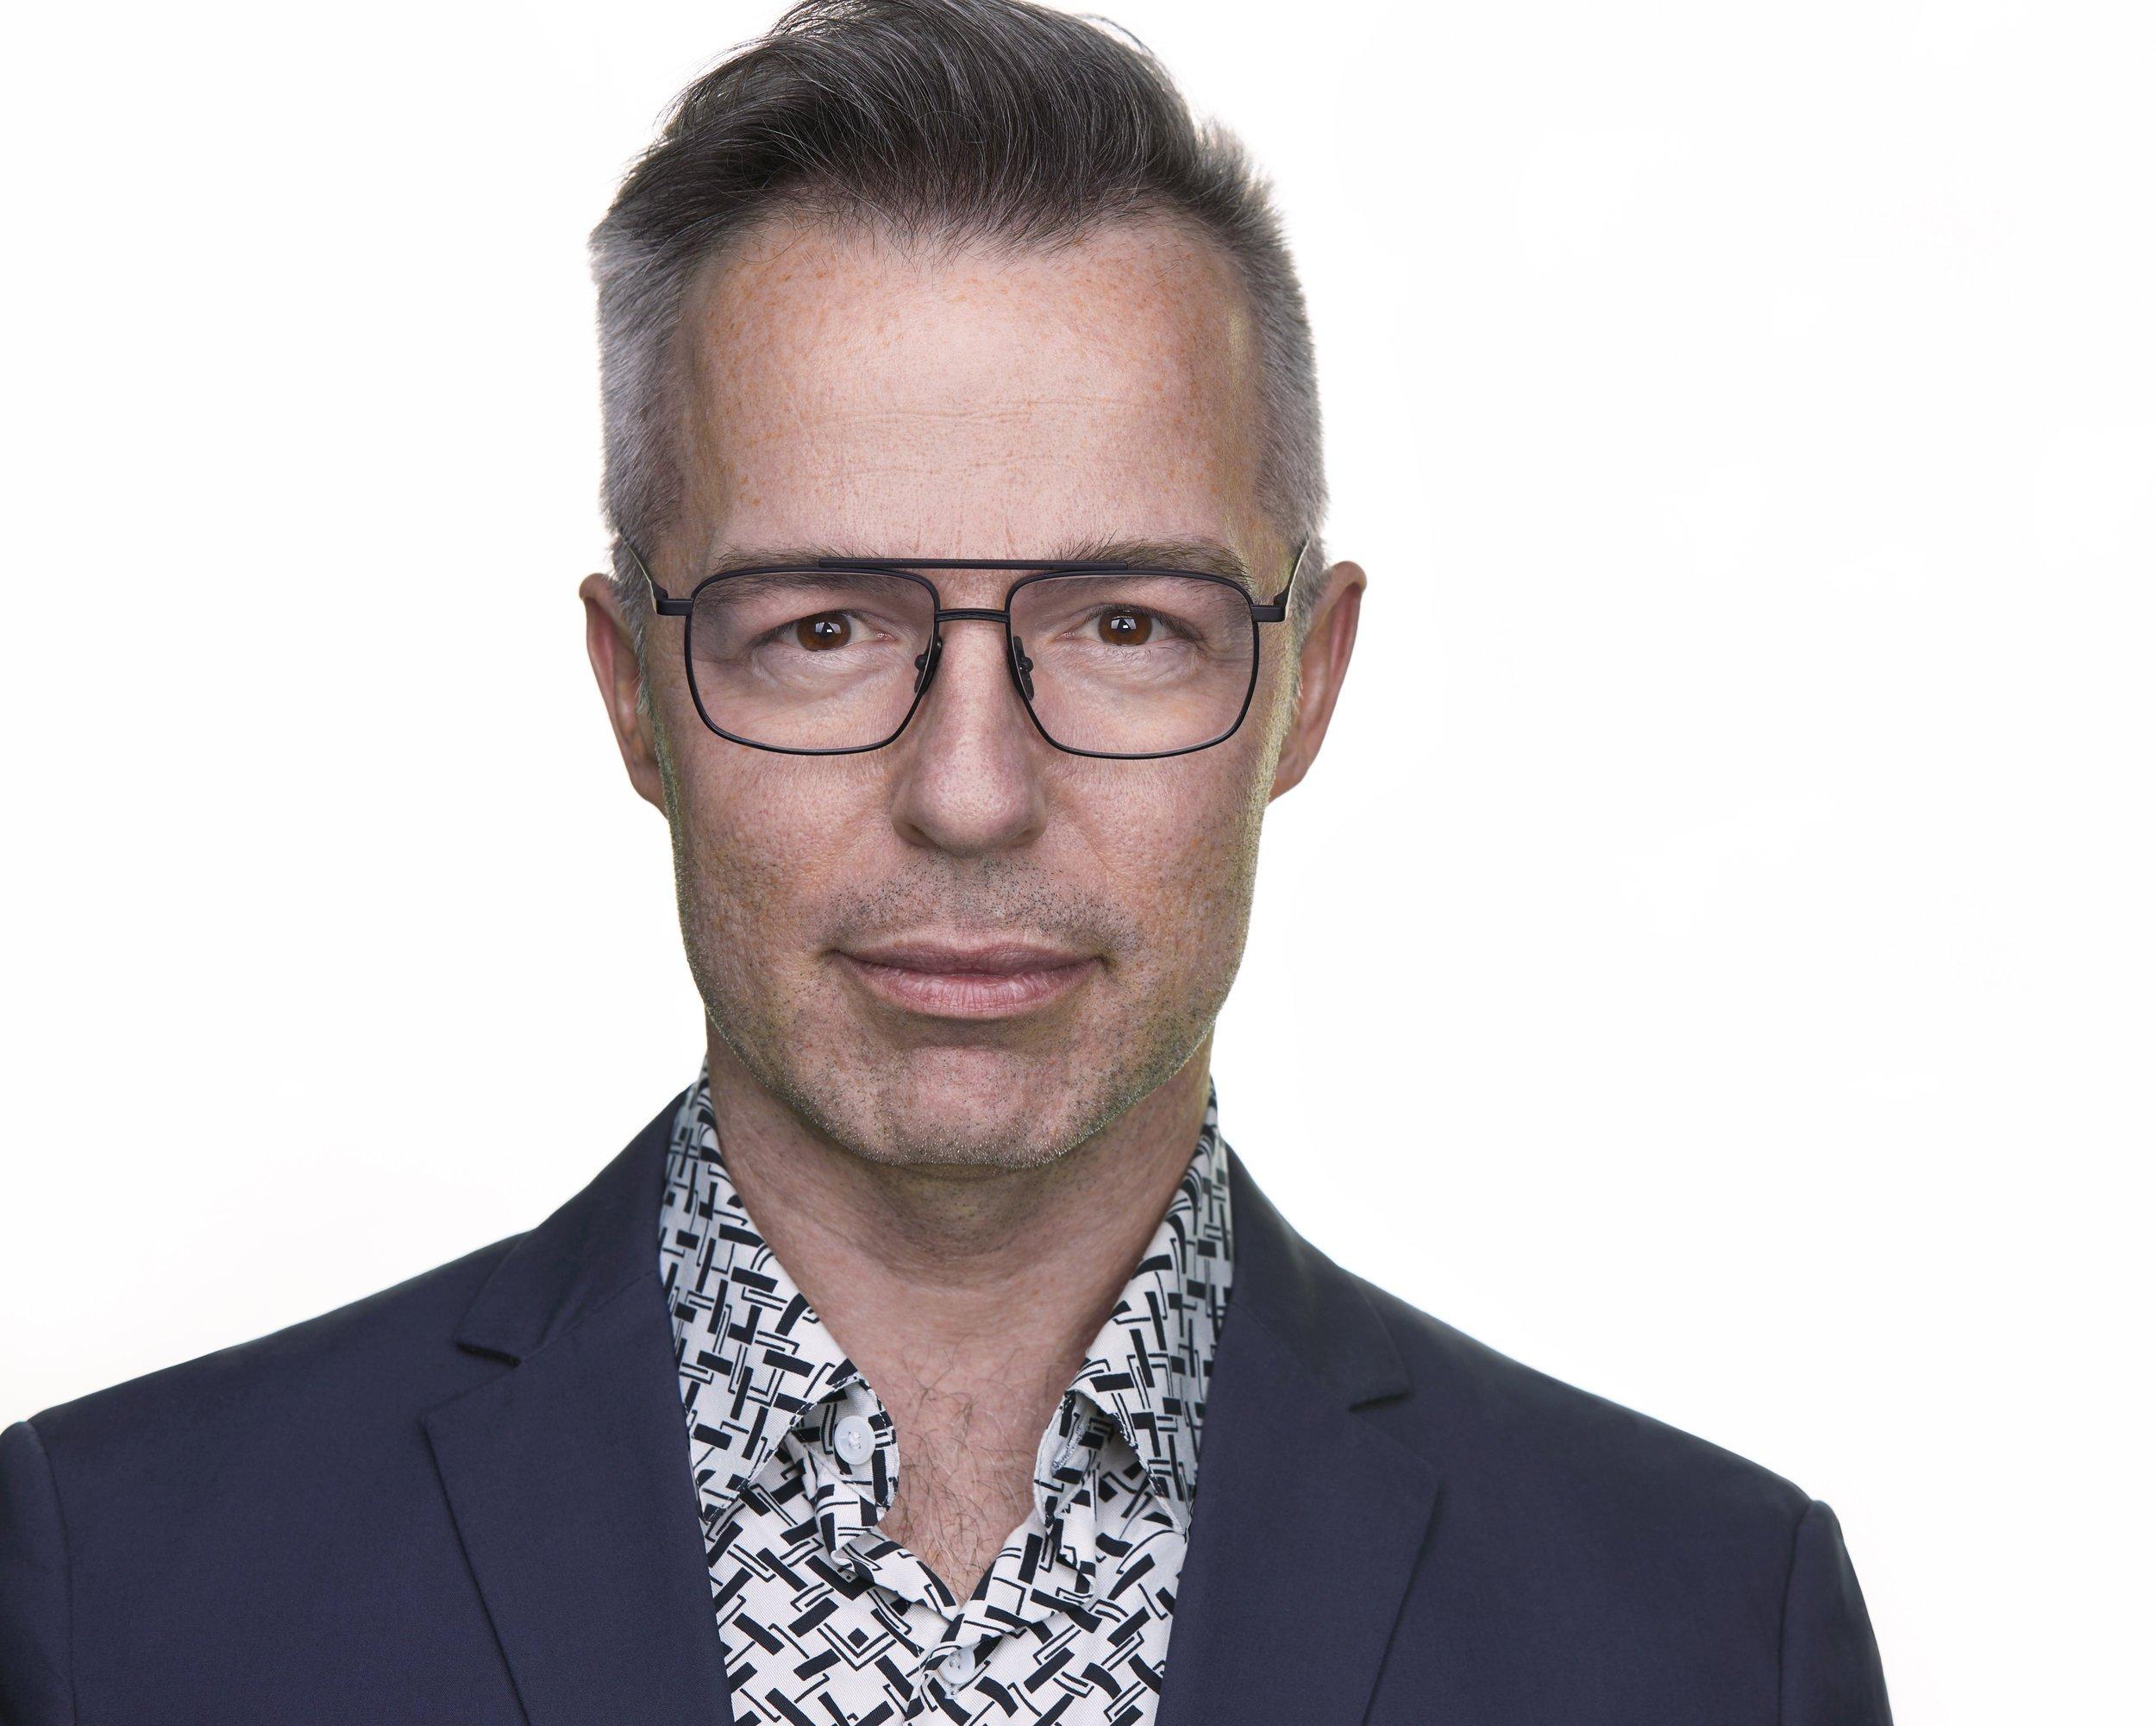 JonathanTilleybyPamStukenborg